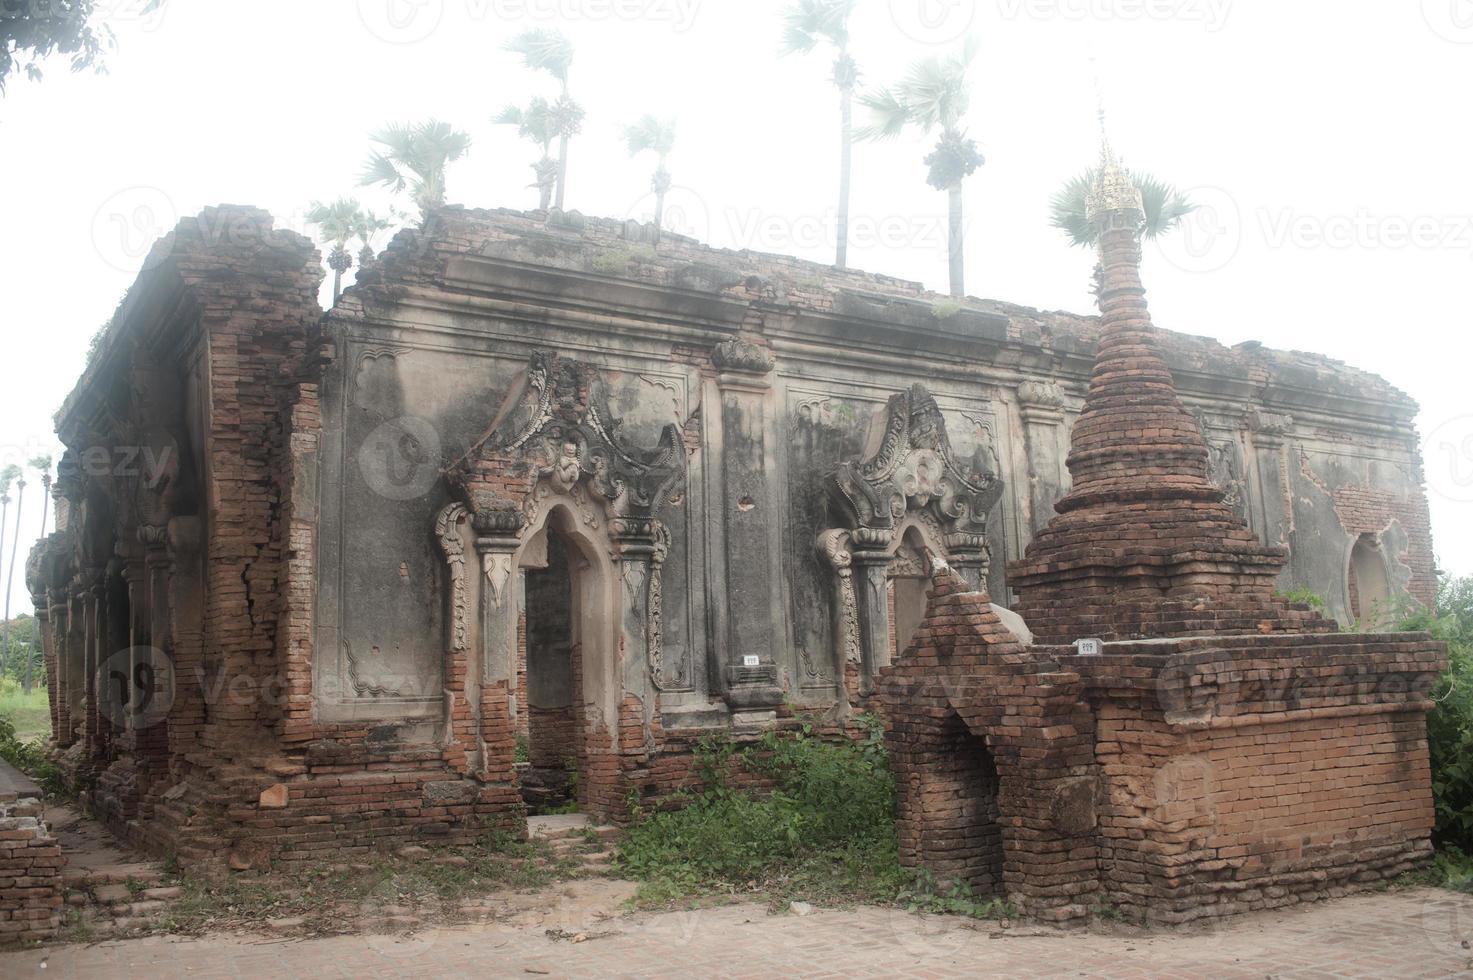 Complexe de la pagode Yadana Hsemee au Myanmar. photo